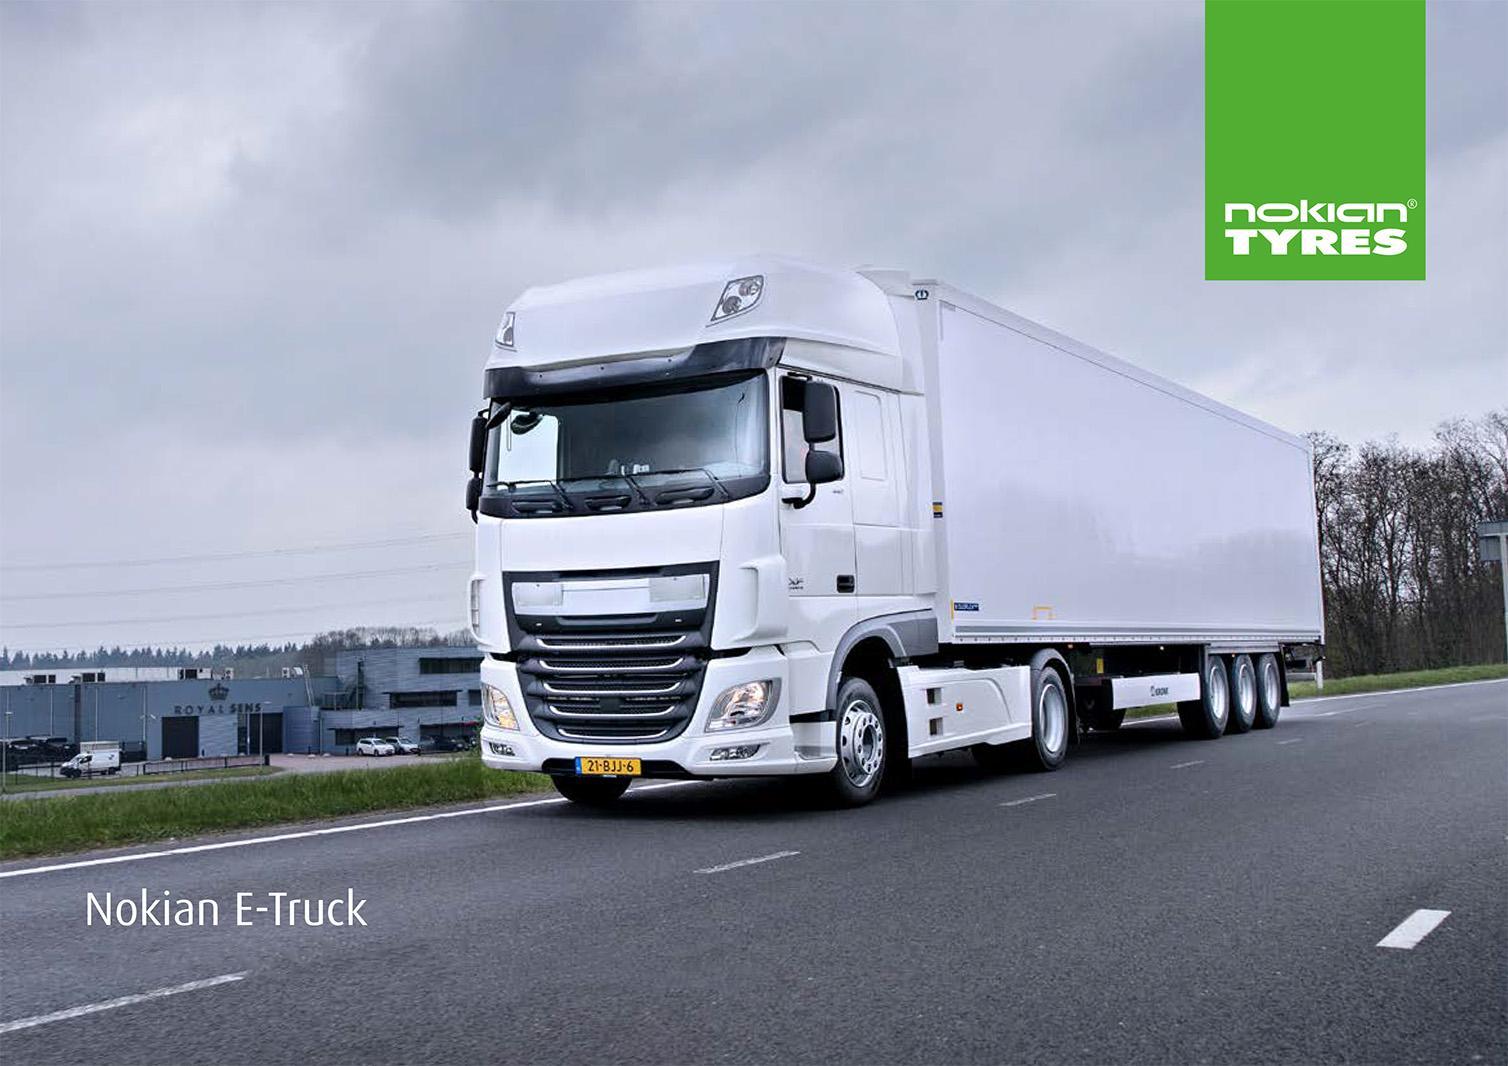 Nokian Tyres анонсировала осенний запуск новых всесезонных TBR-шин E-Truck